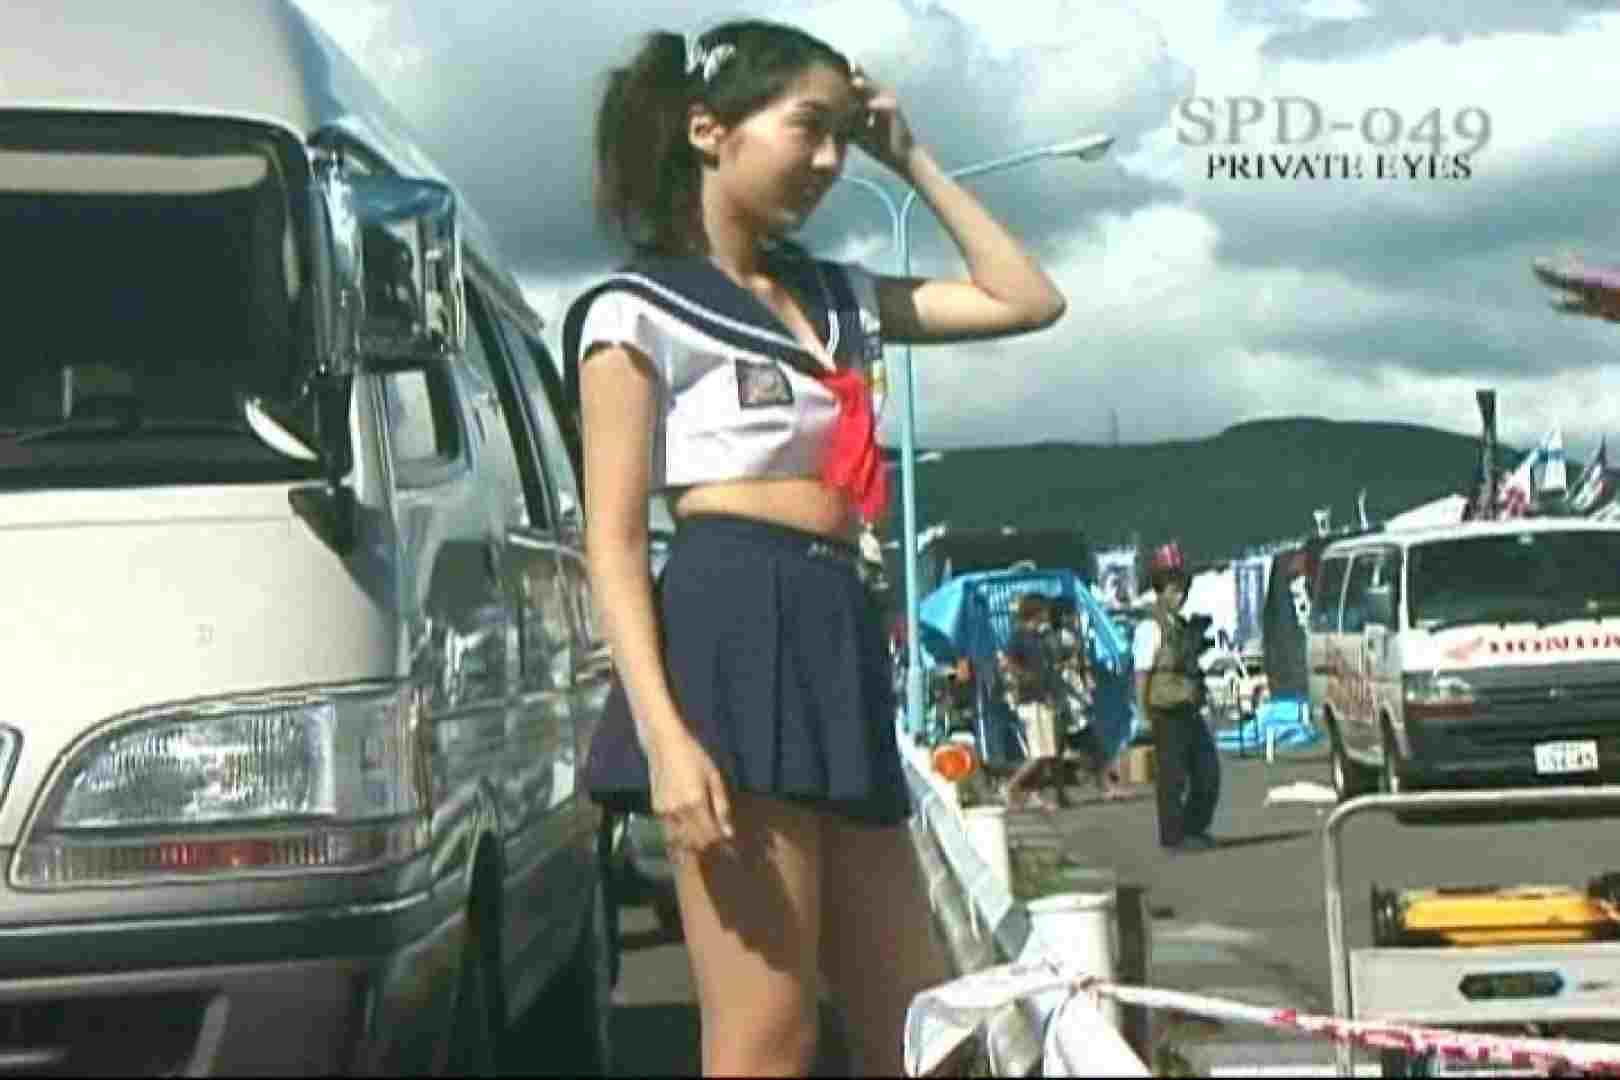 高画質版!SPD-049 サーキットの女神達 99'GT富士第5戦 高画質 えろ無修正画像 10pic 8